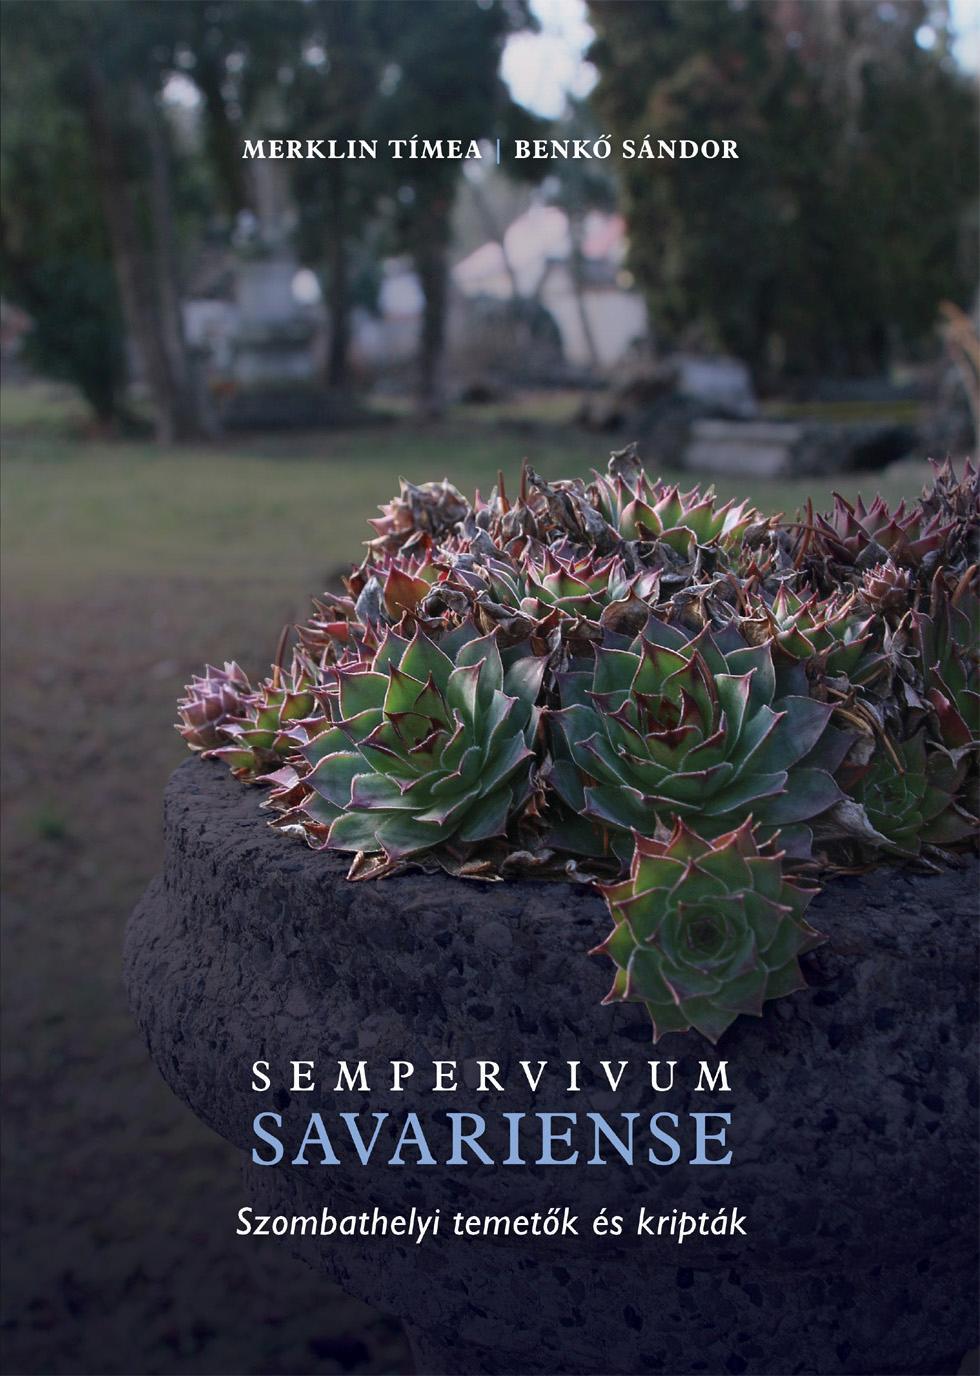 SEMPERVIVUM SAVARIENSE - SZOMBATHELYI TEMETÕK ÉS KRIPTÁK